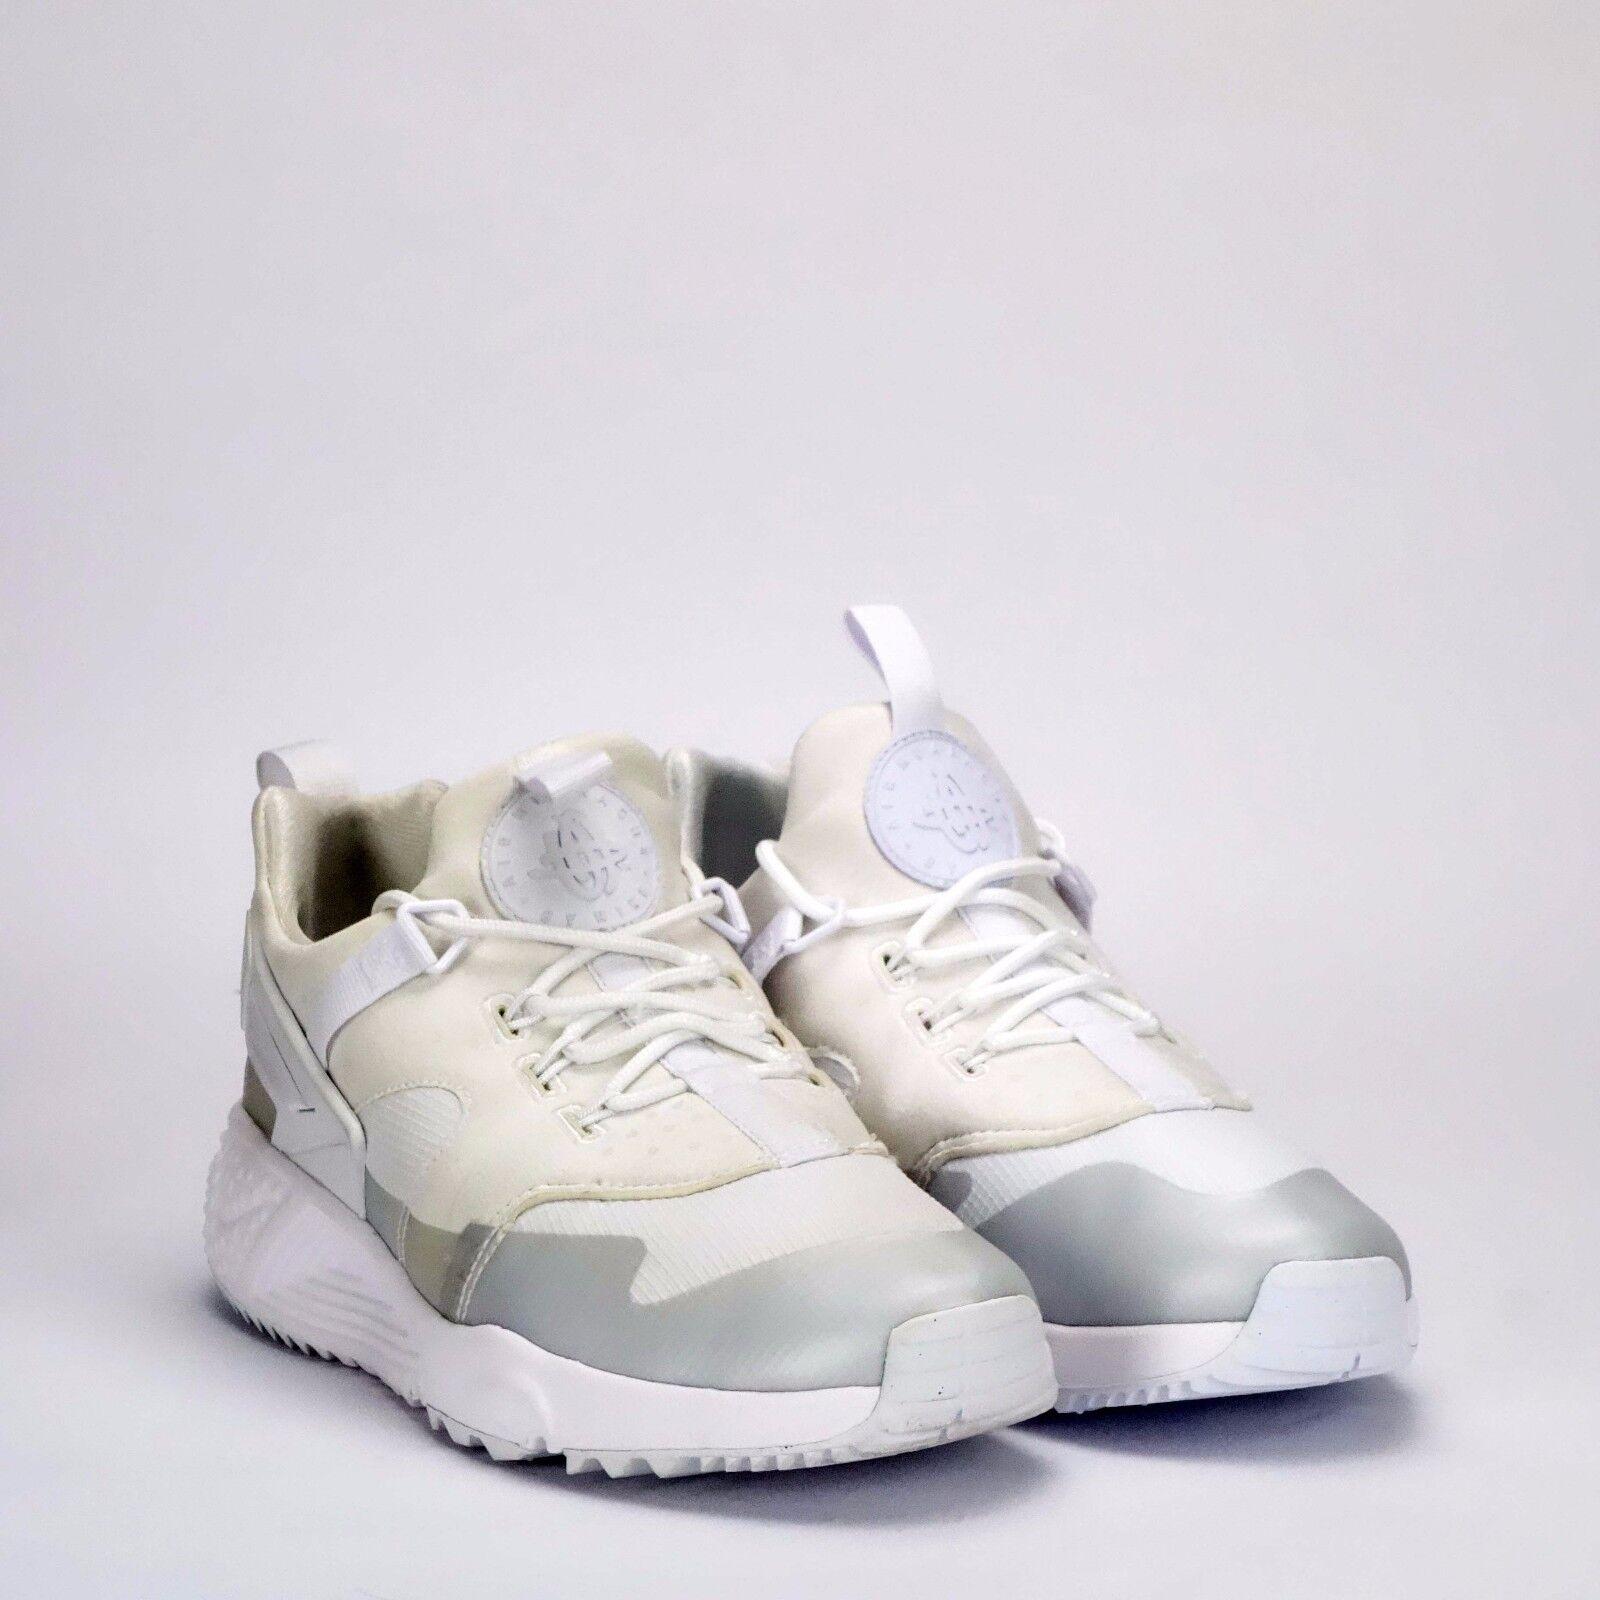 Nike Luft Huarache Utility Herren Schuhe weiß EX Display